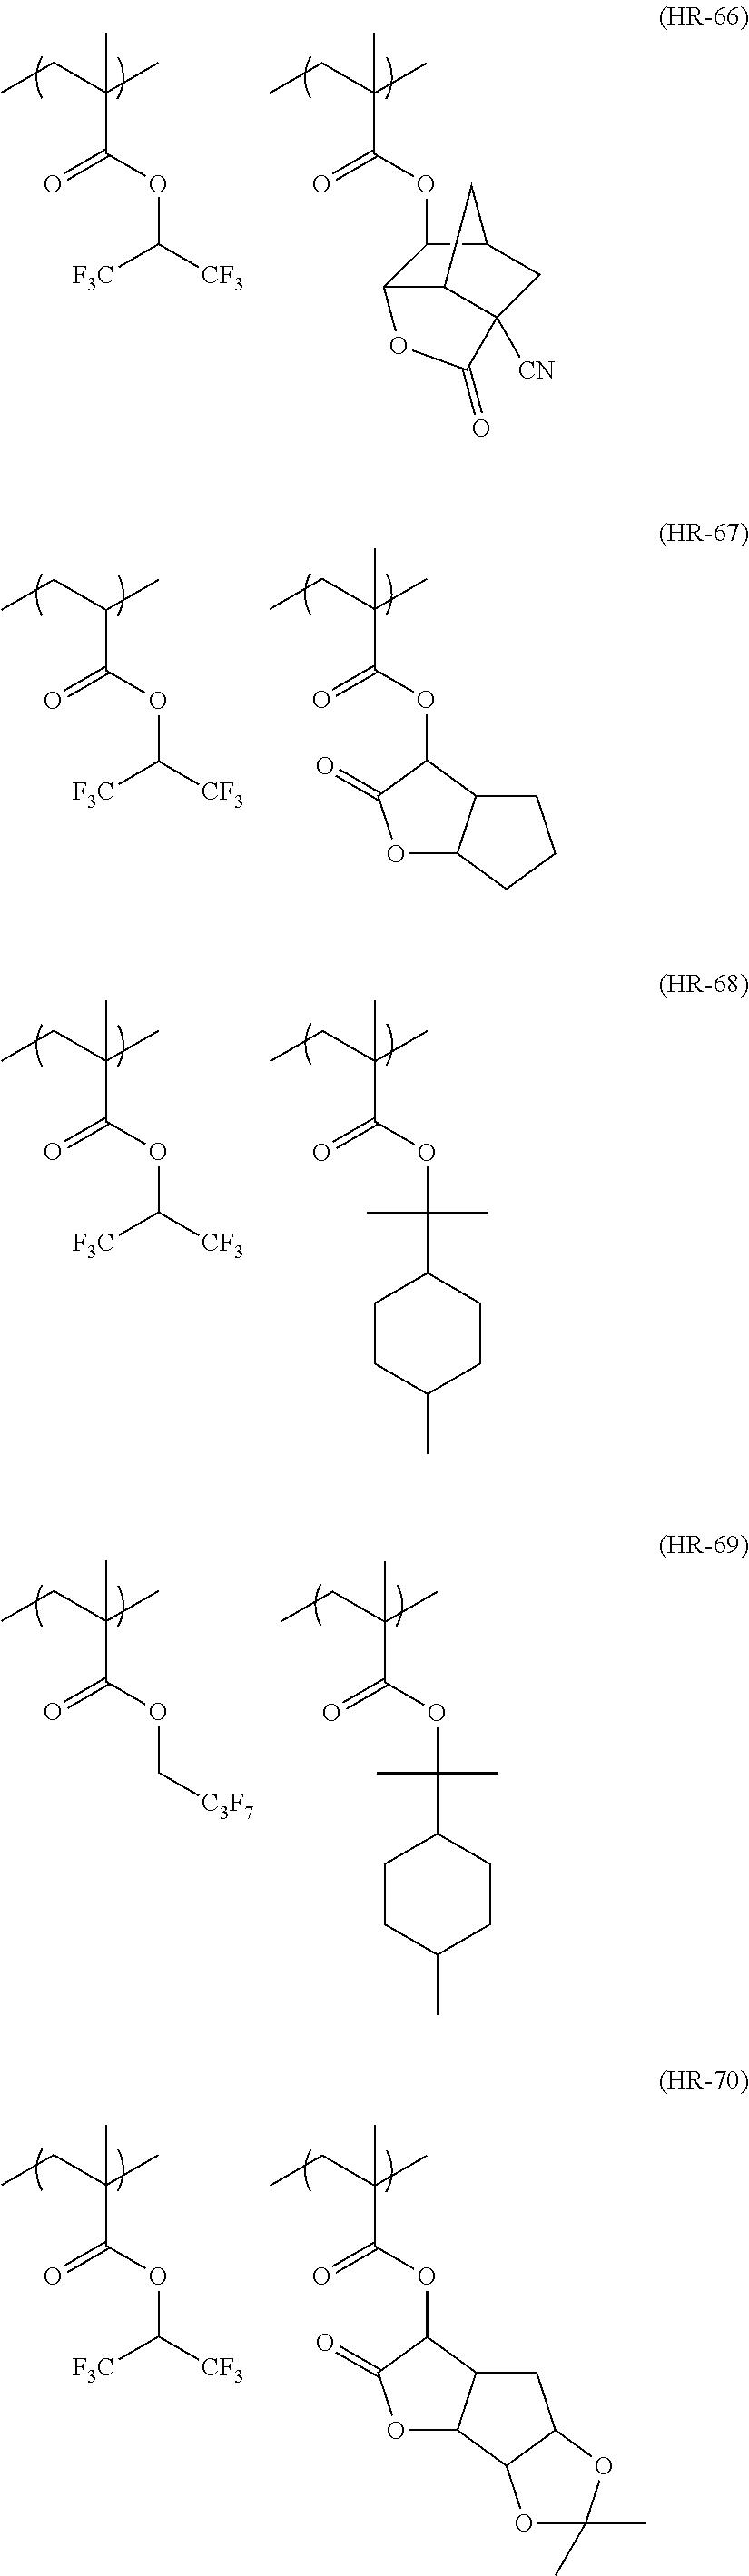 Figure US20110183258A1-20110728-C00125